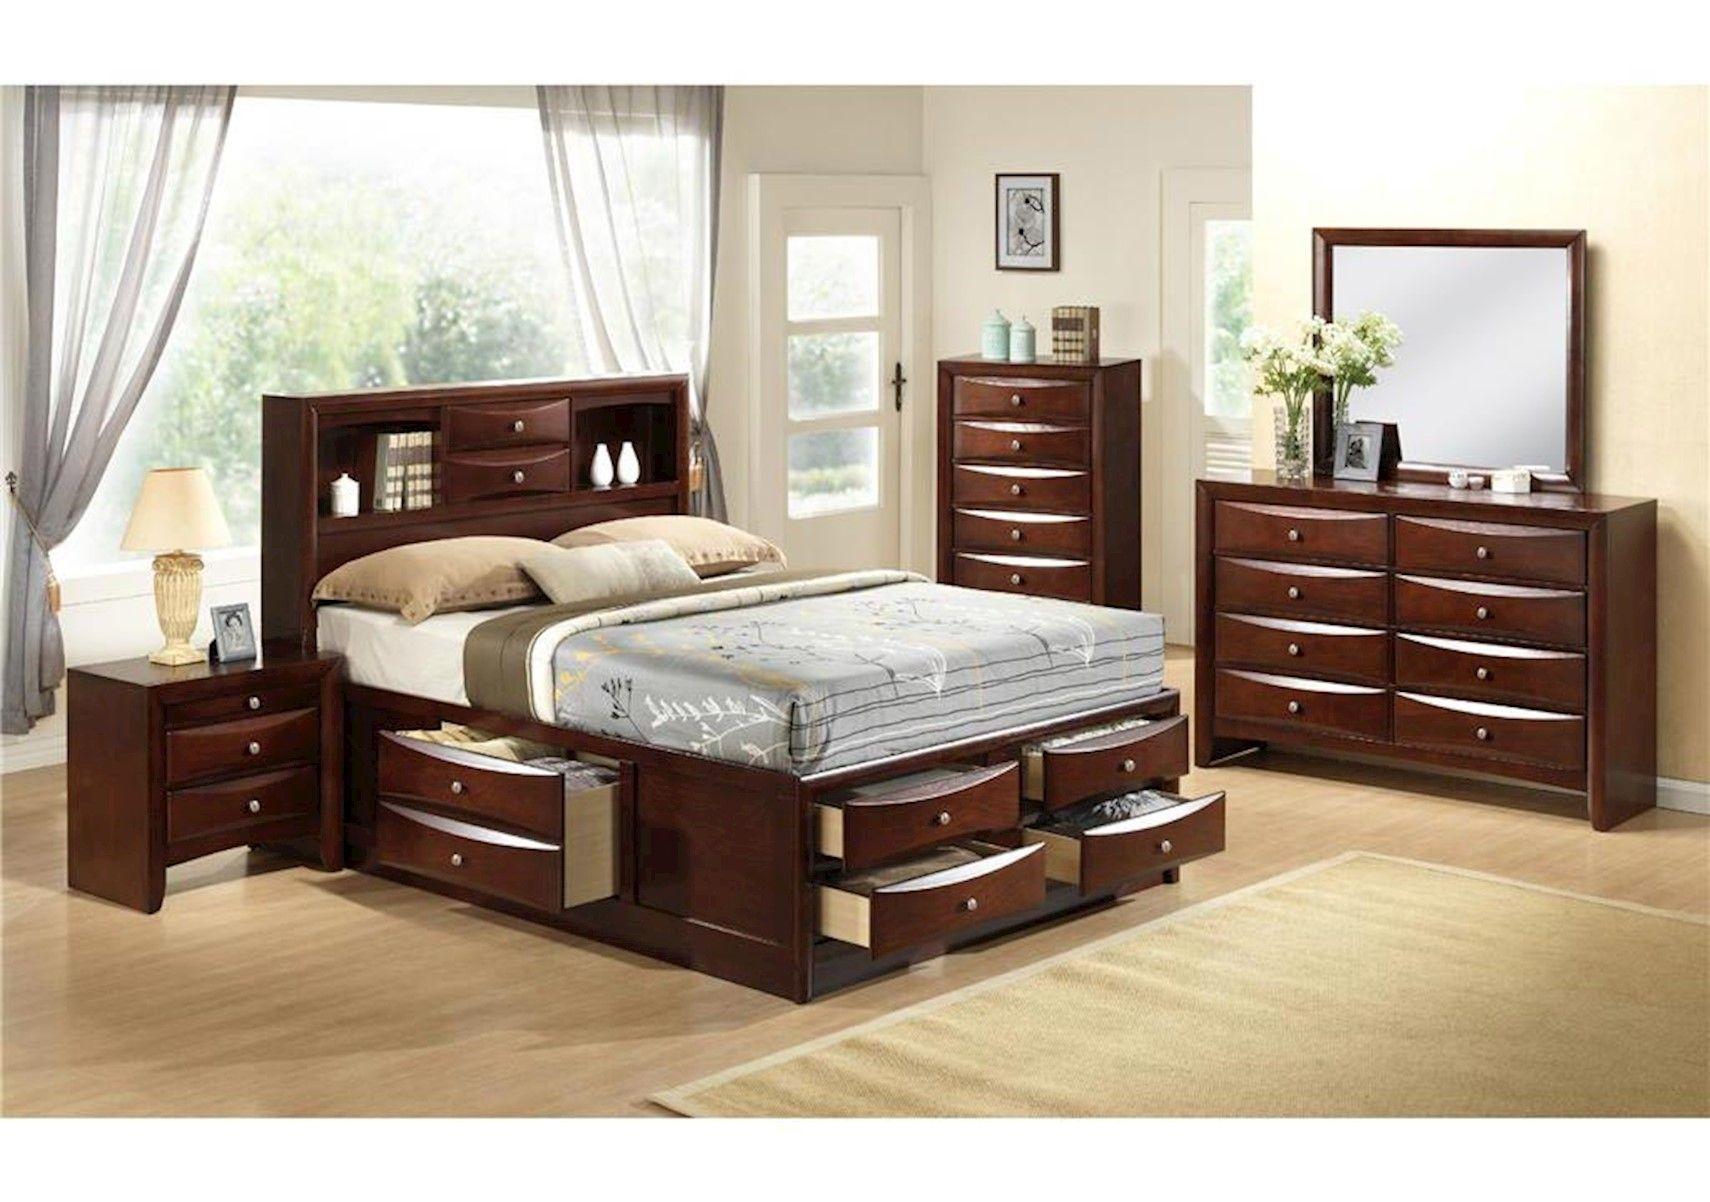 Lacks Emily 4Pc Queen Bedroom Set Bedroom furniture